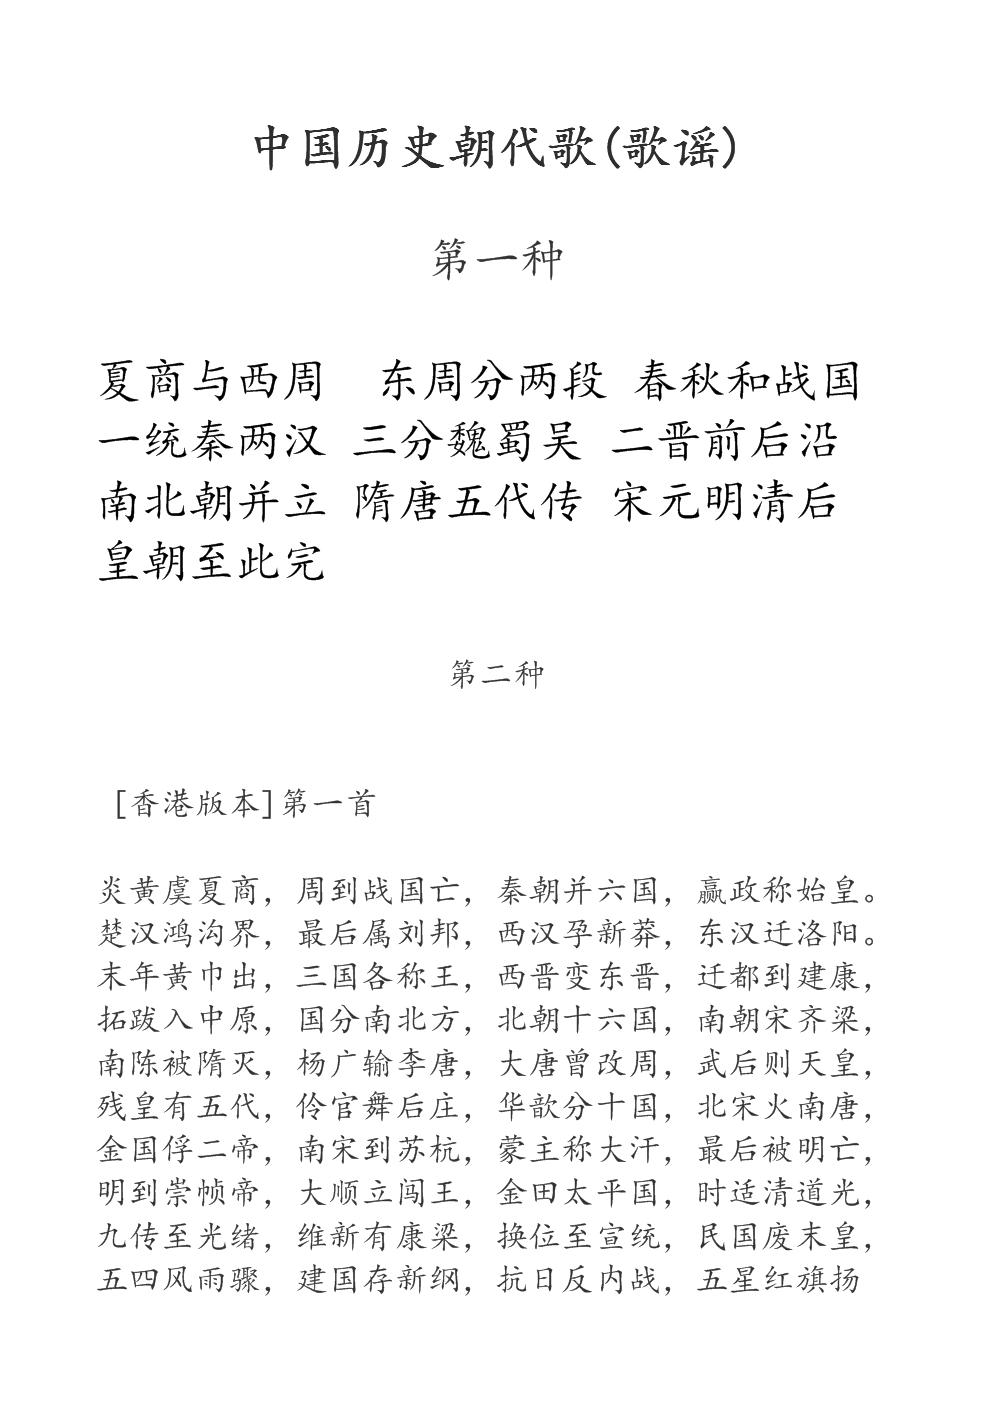 中国历史朝代歌(歌谣.doc